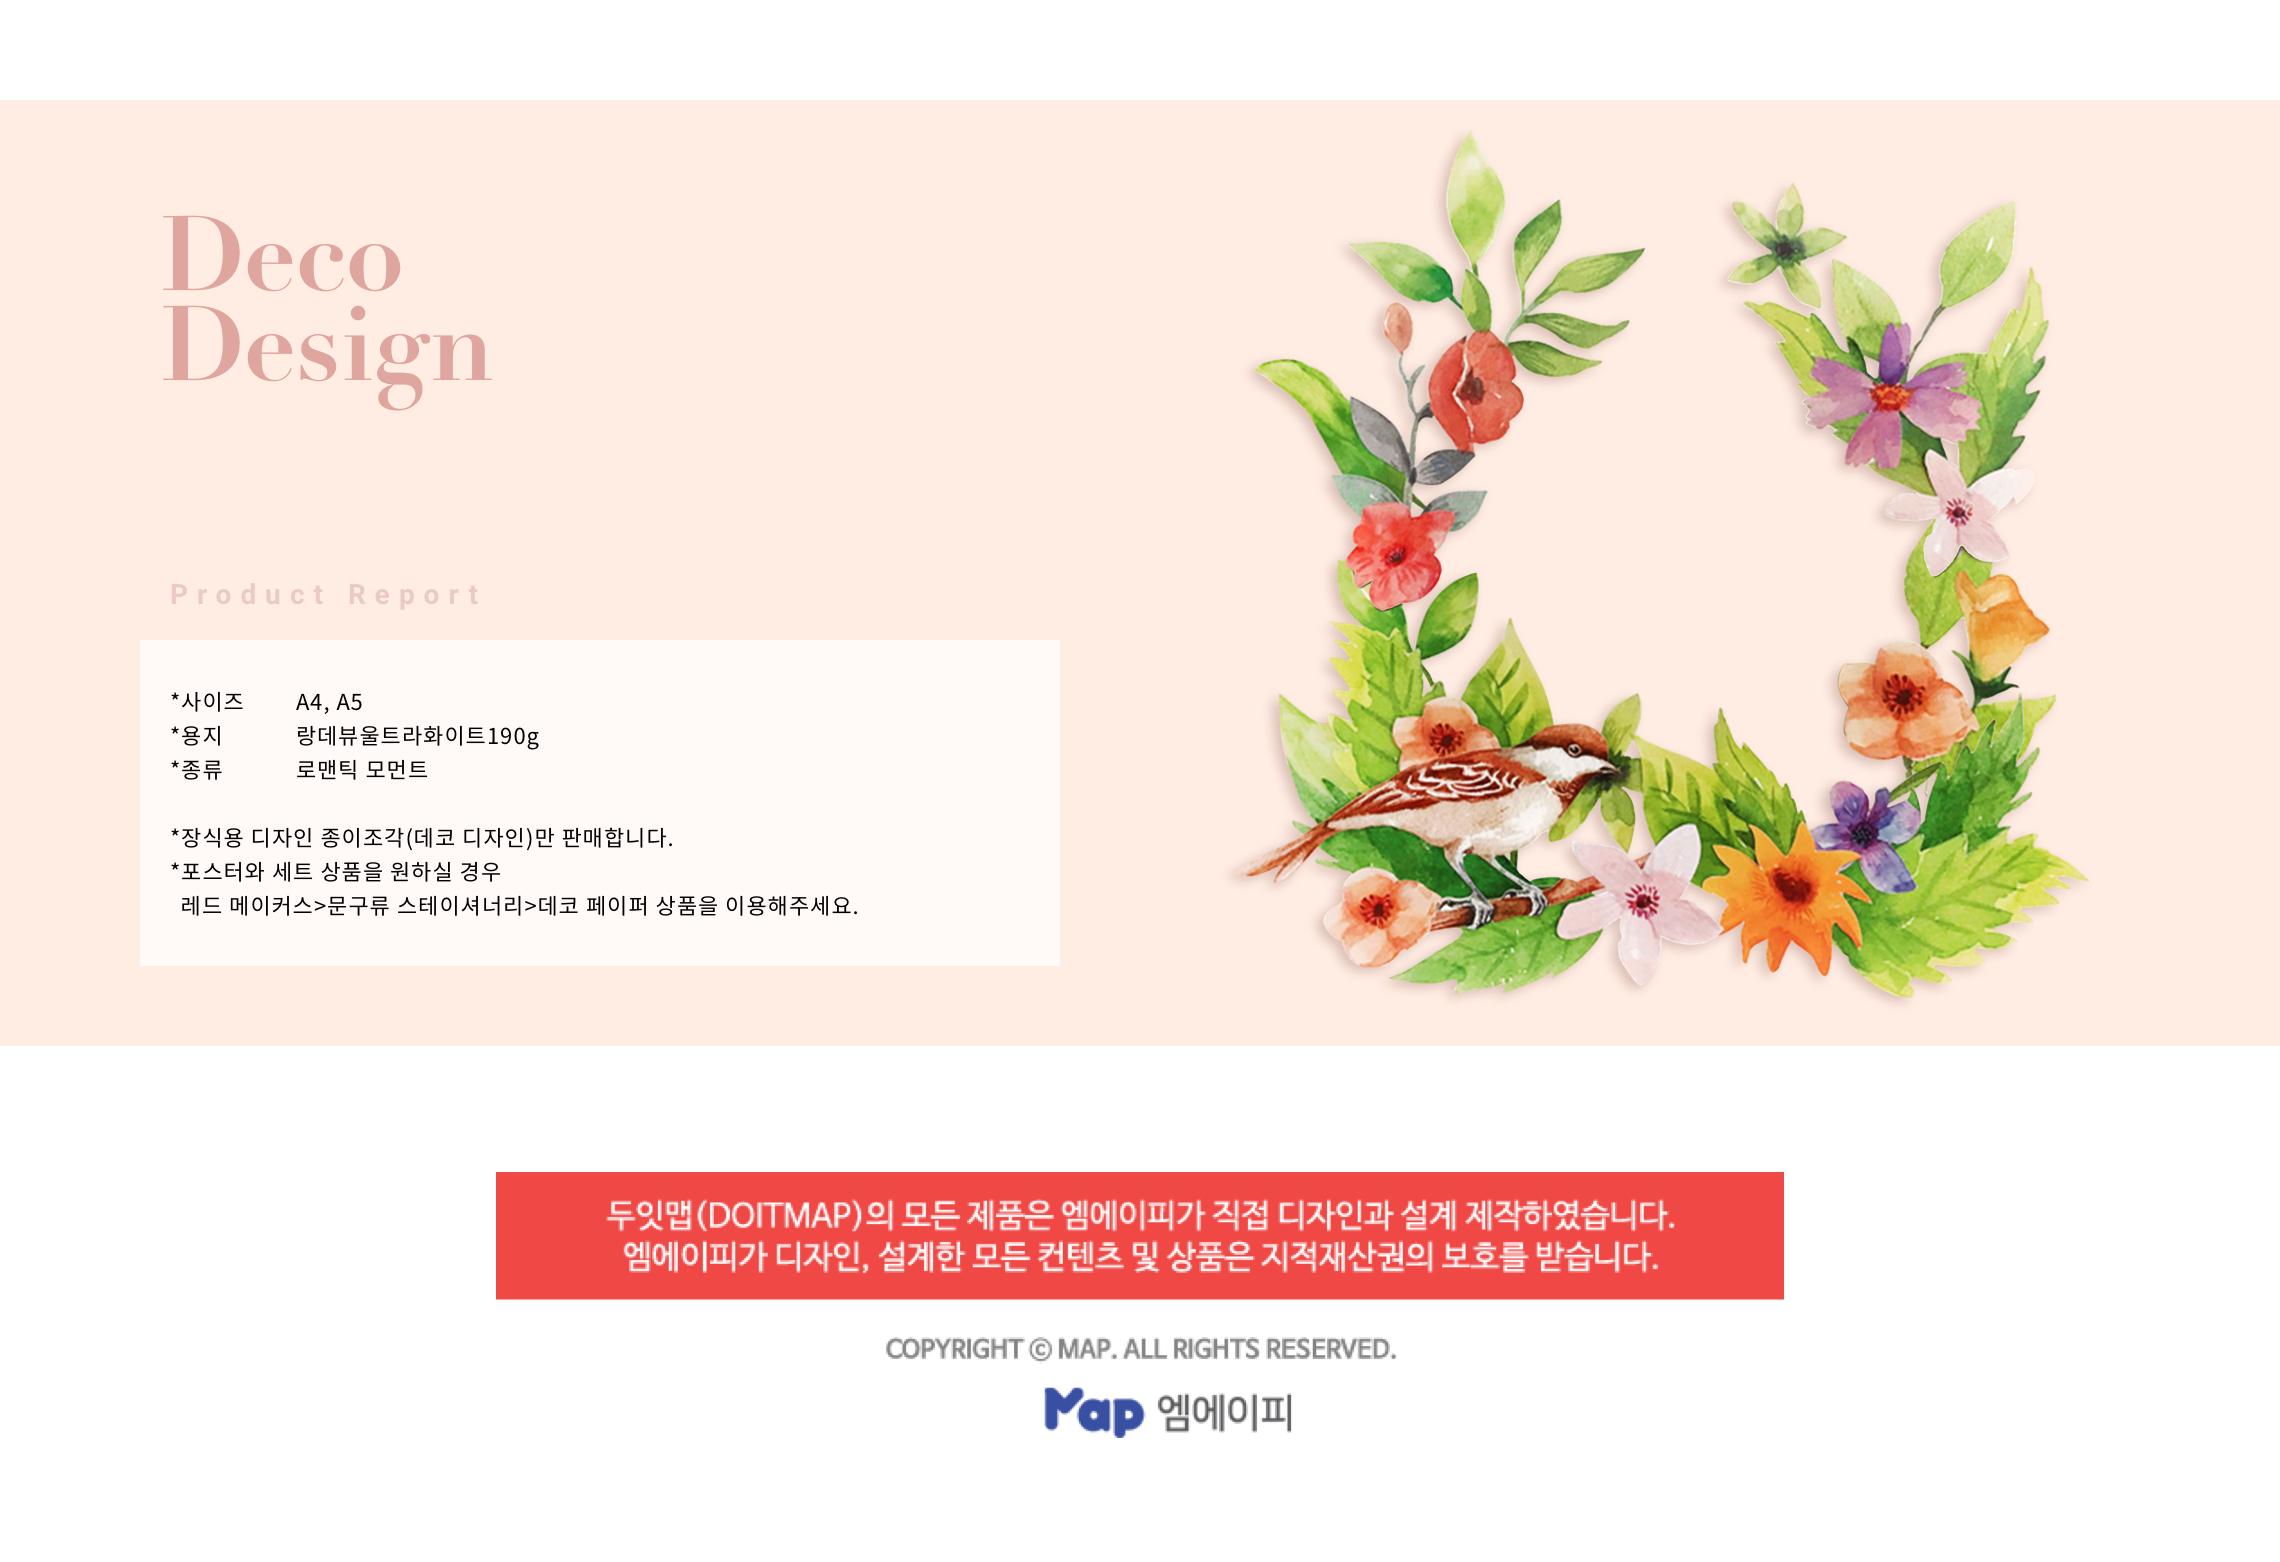 데코디자인 로멘틱 모먼트_특징3